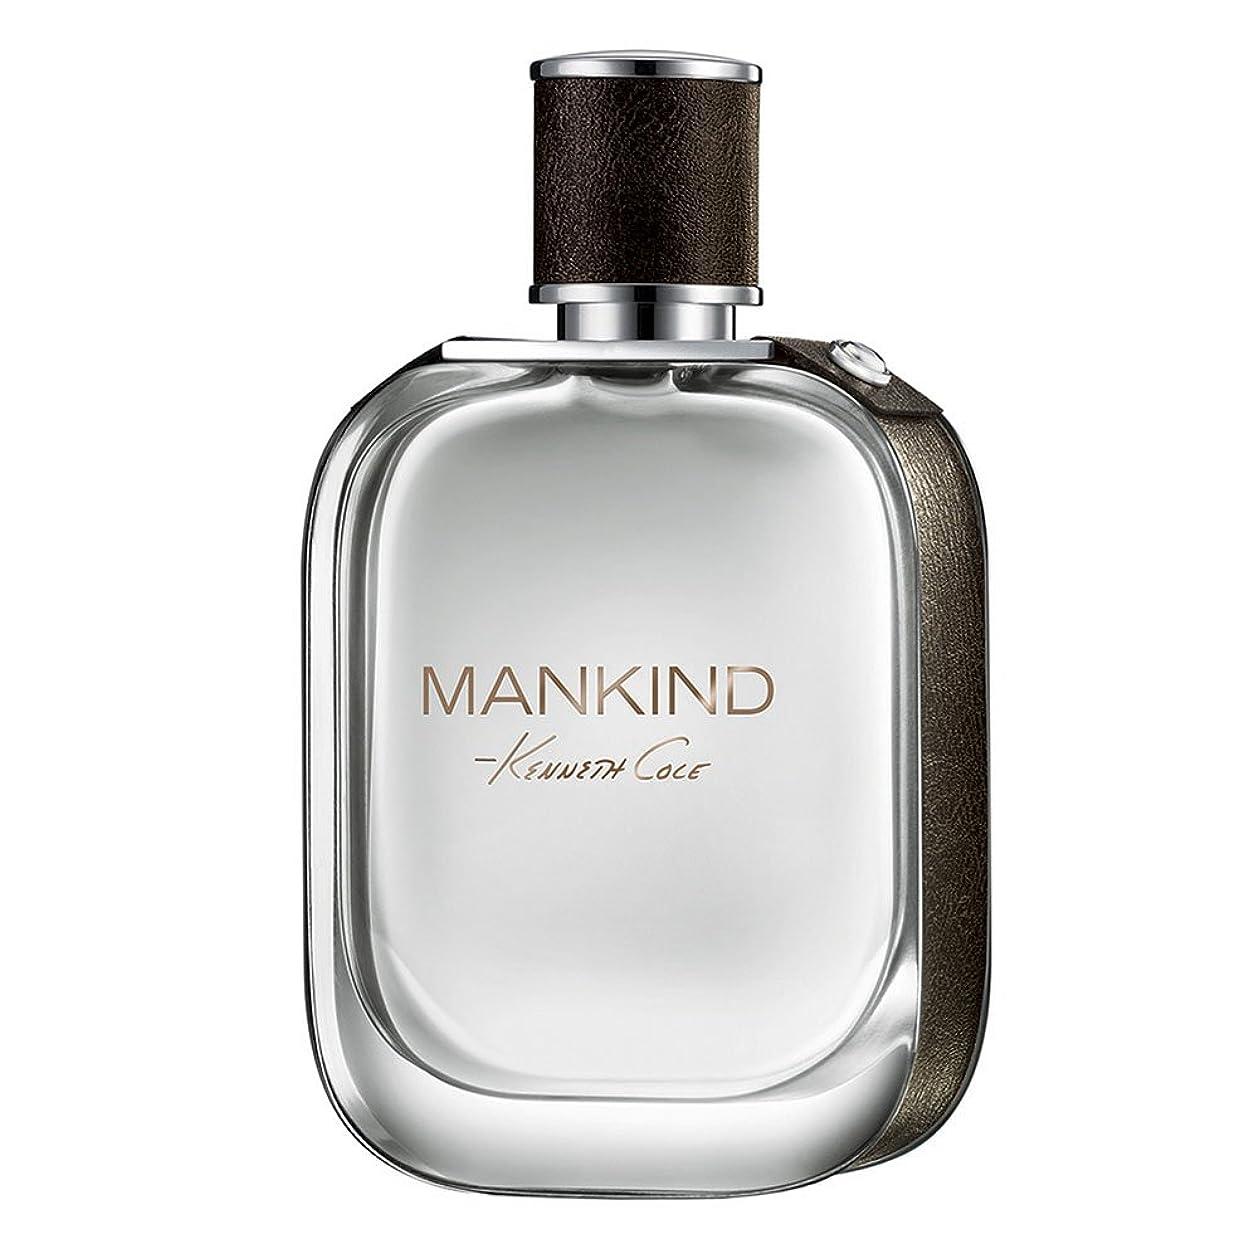 クレア参照参照[Kenneth Cole] Mankind 100 ml EDT SP